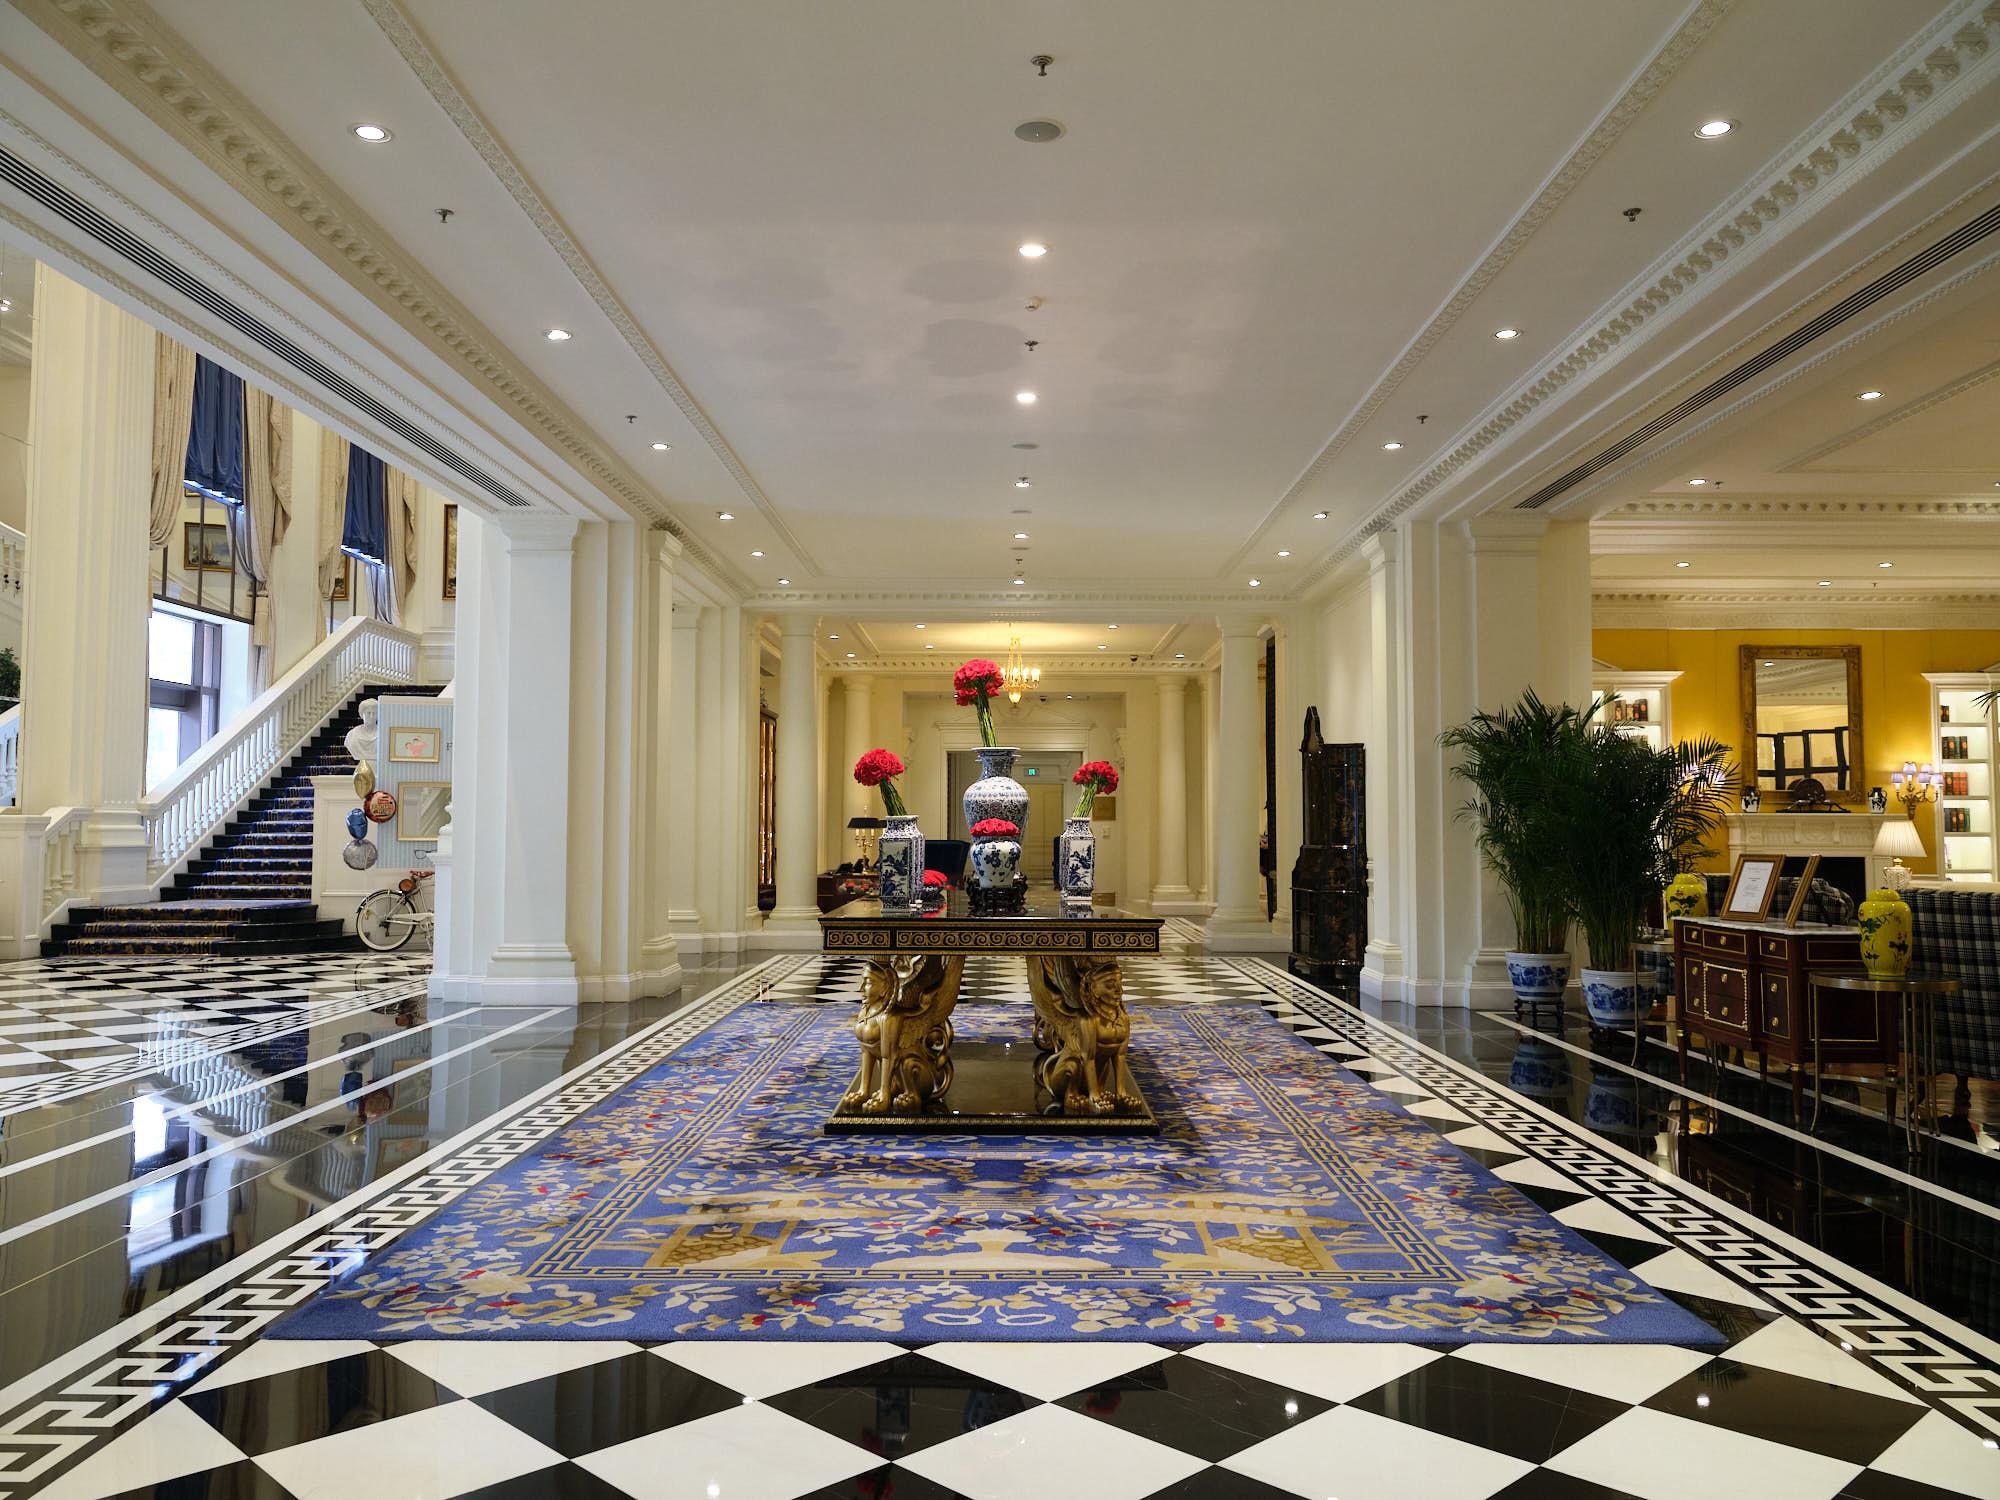 Flagship Ritz Carlton in Tianjin, China